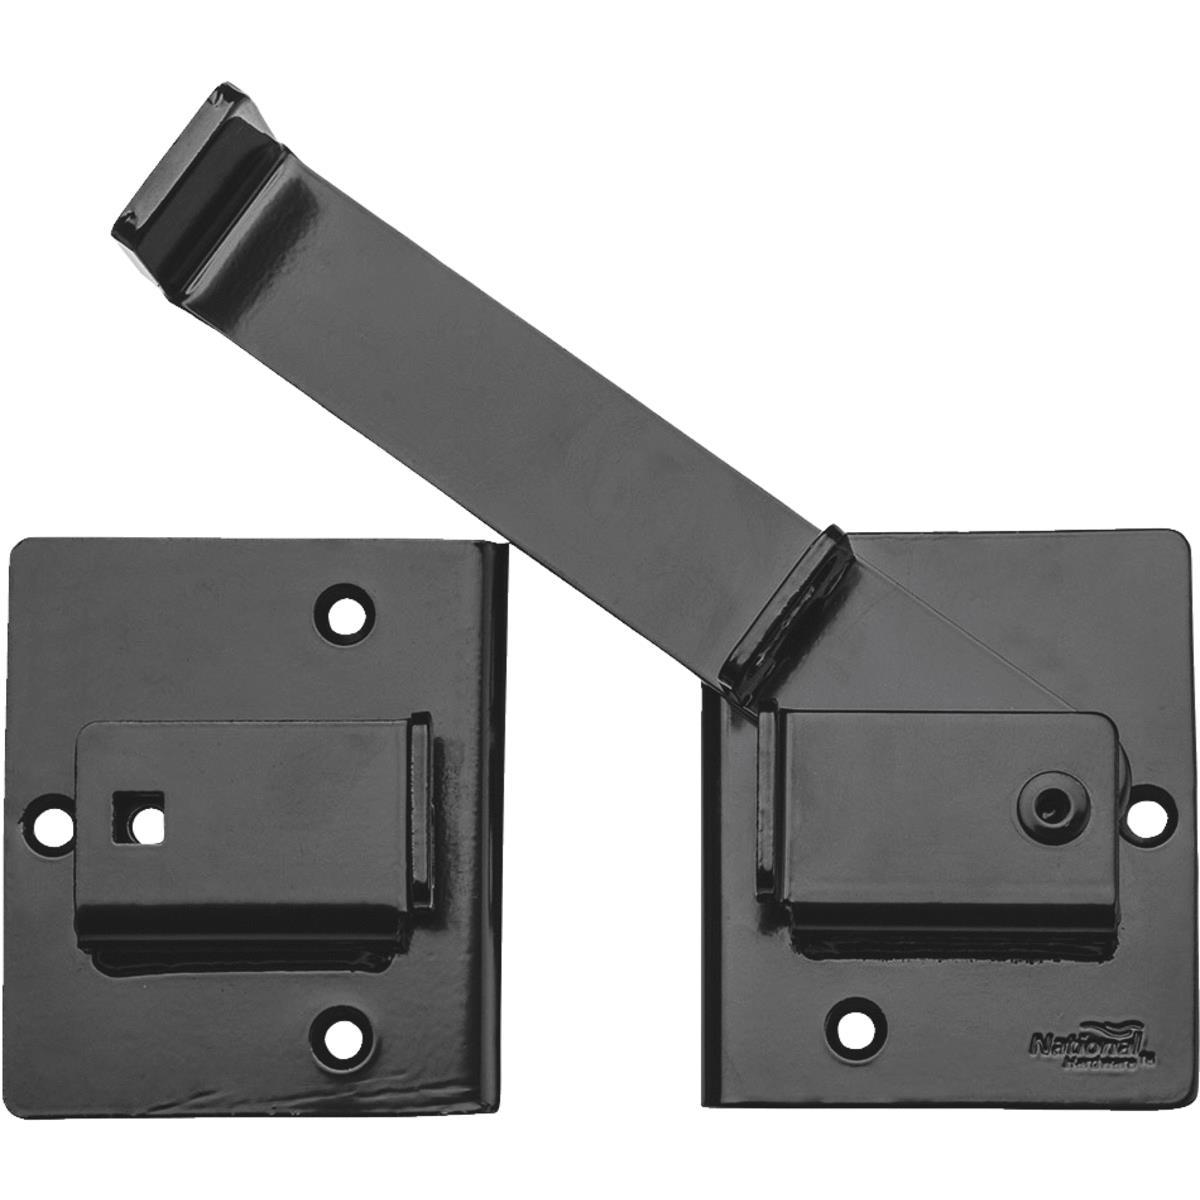 National Hardware N109-001 Black Heavy Duty Flip Latch